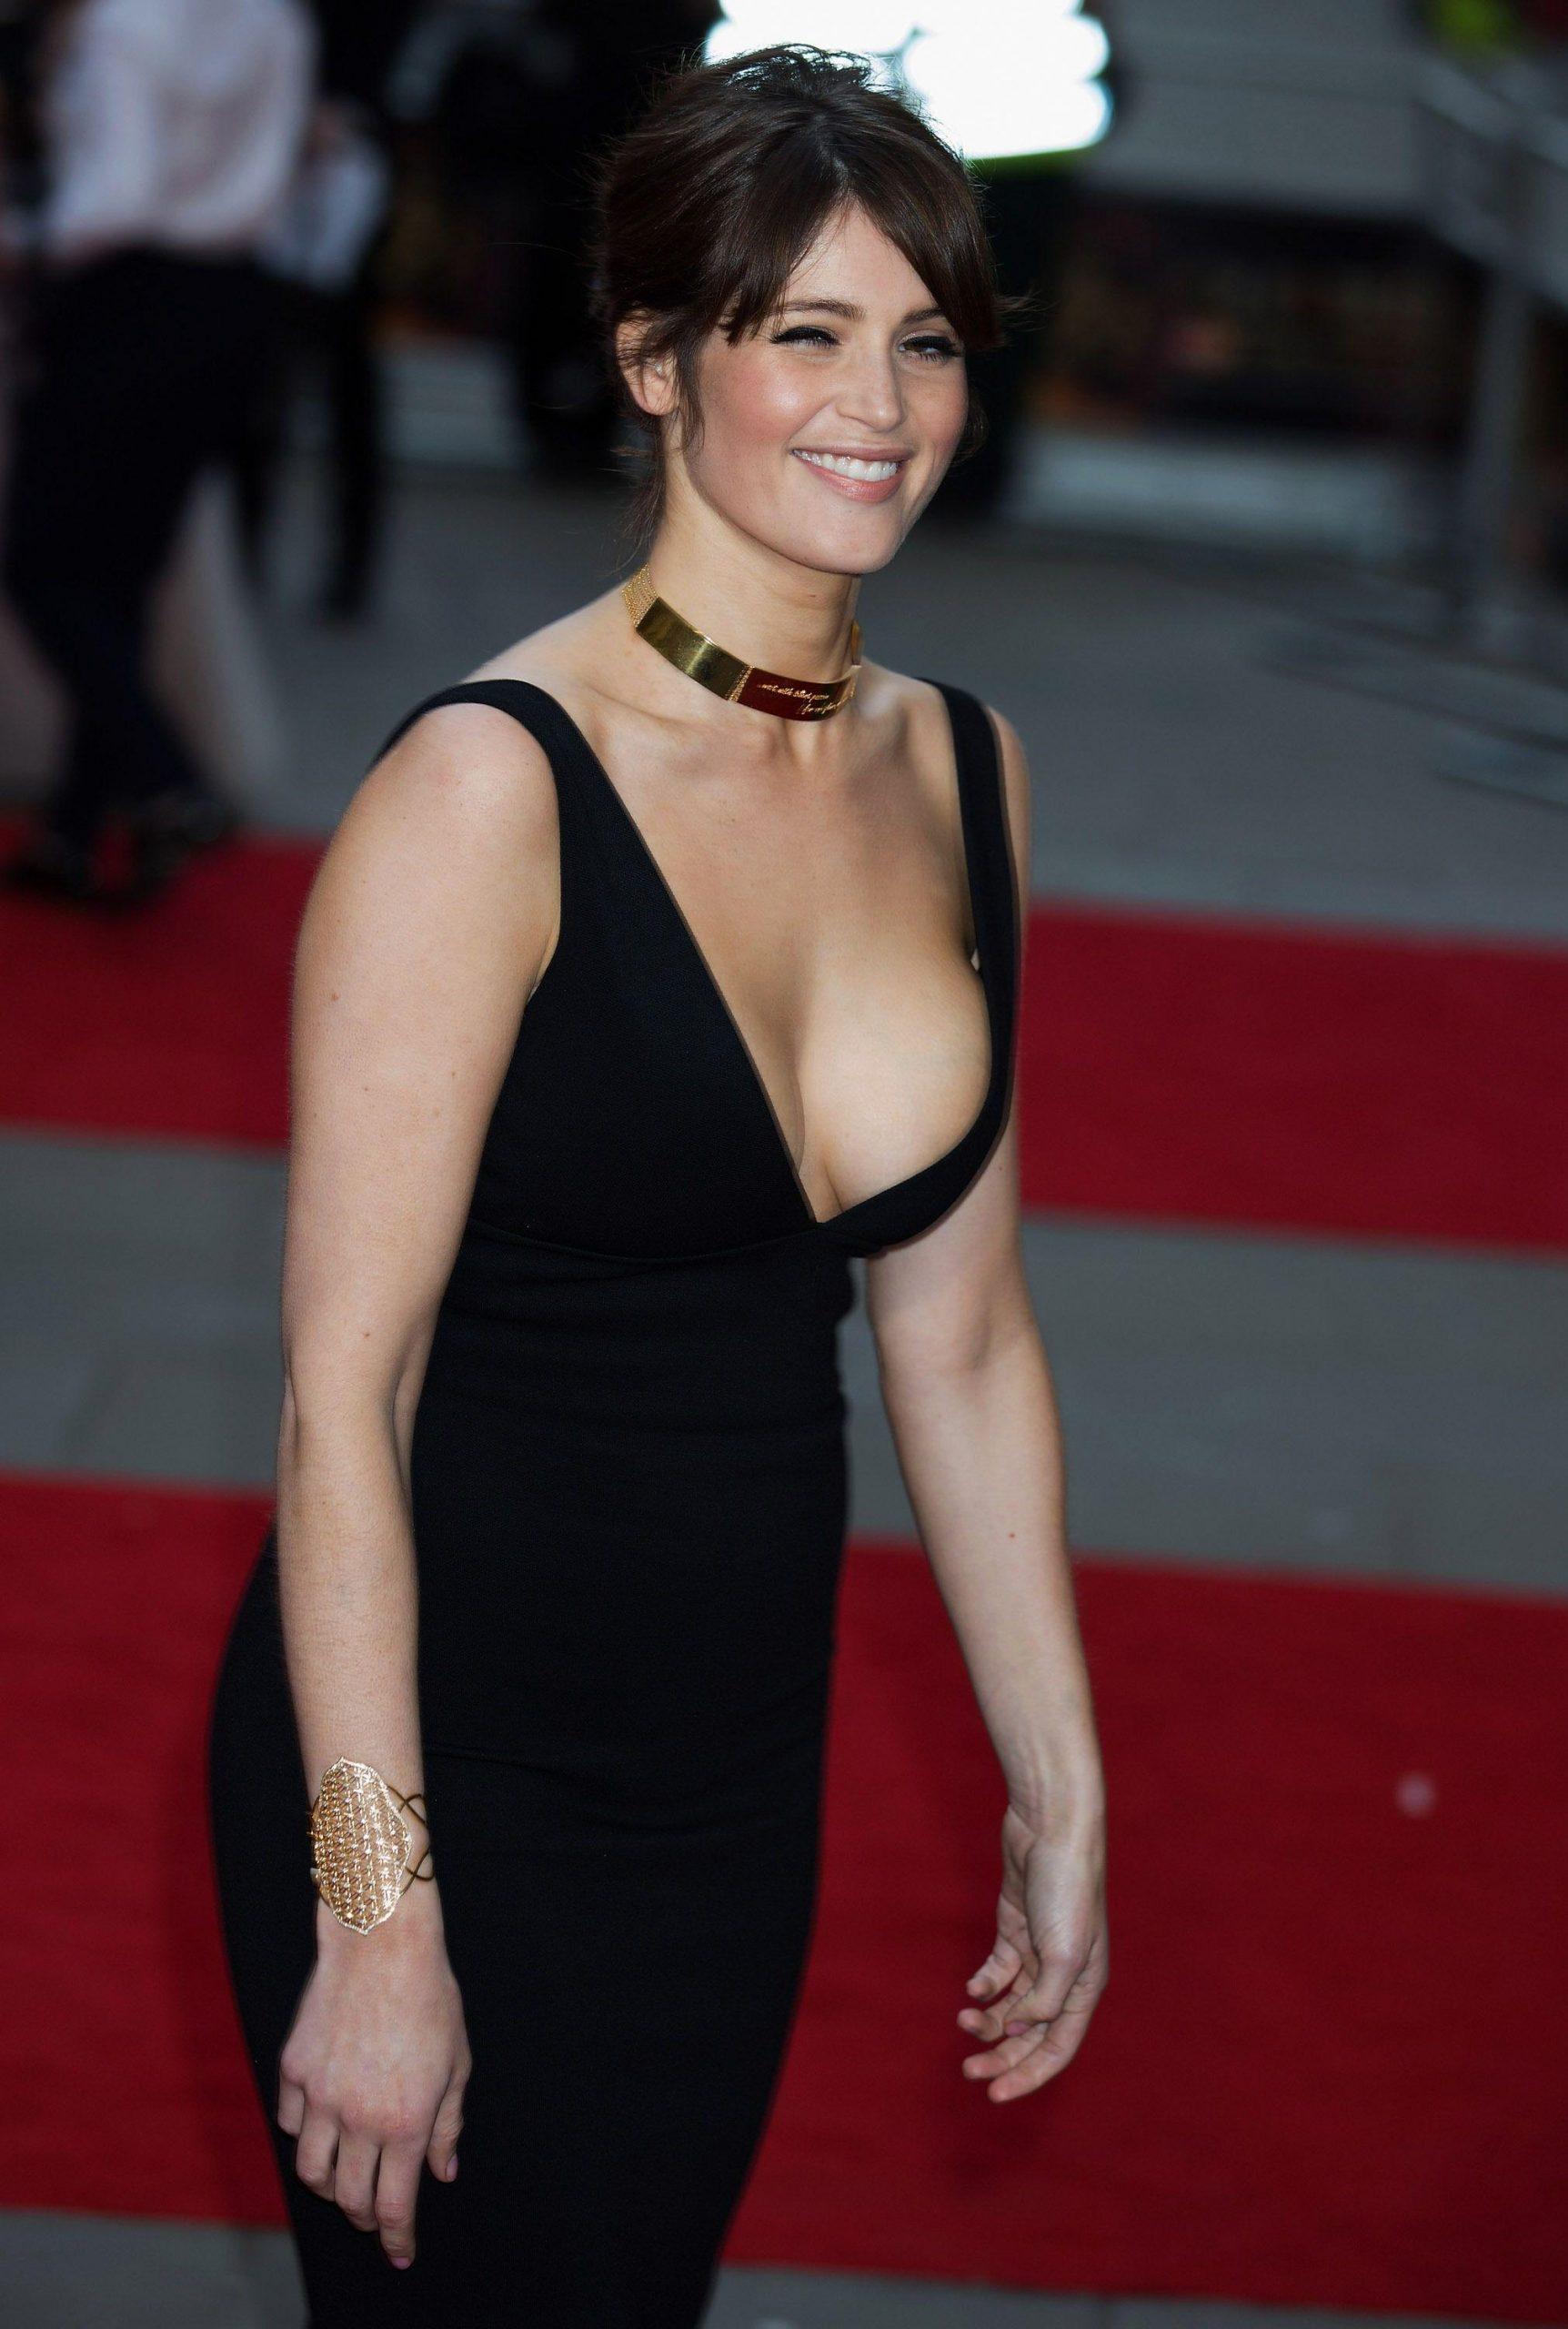 Gemma Arterton hot look pics